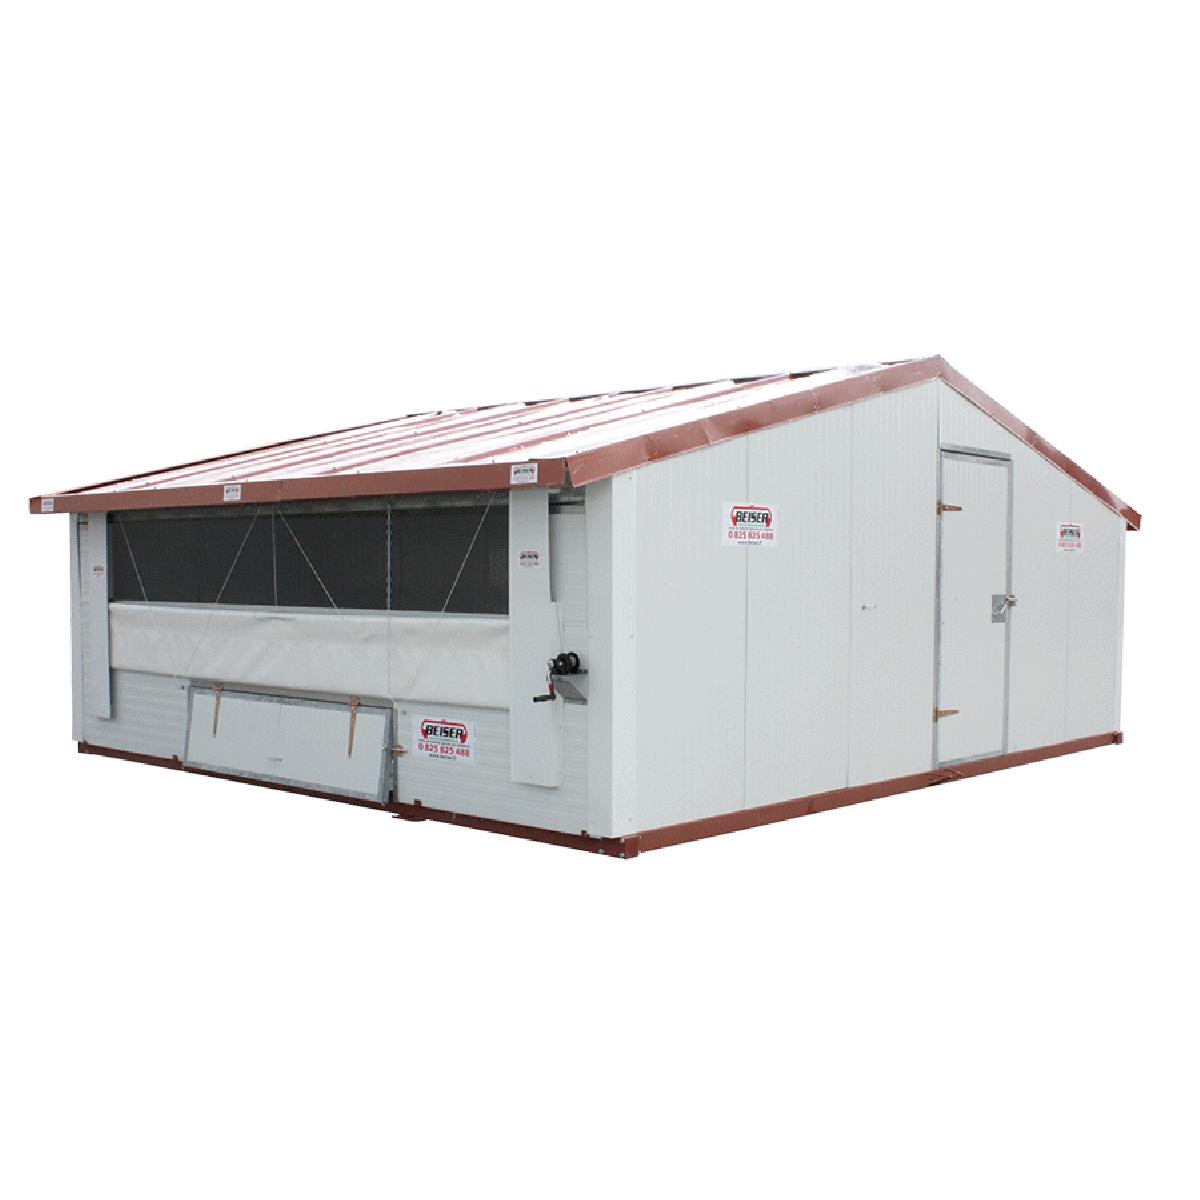 kits chauffage pour bâtiment élevage